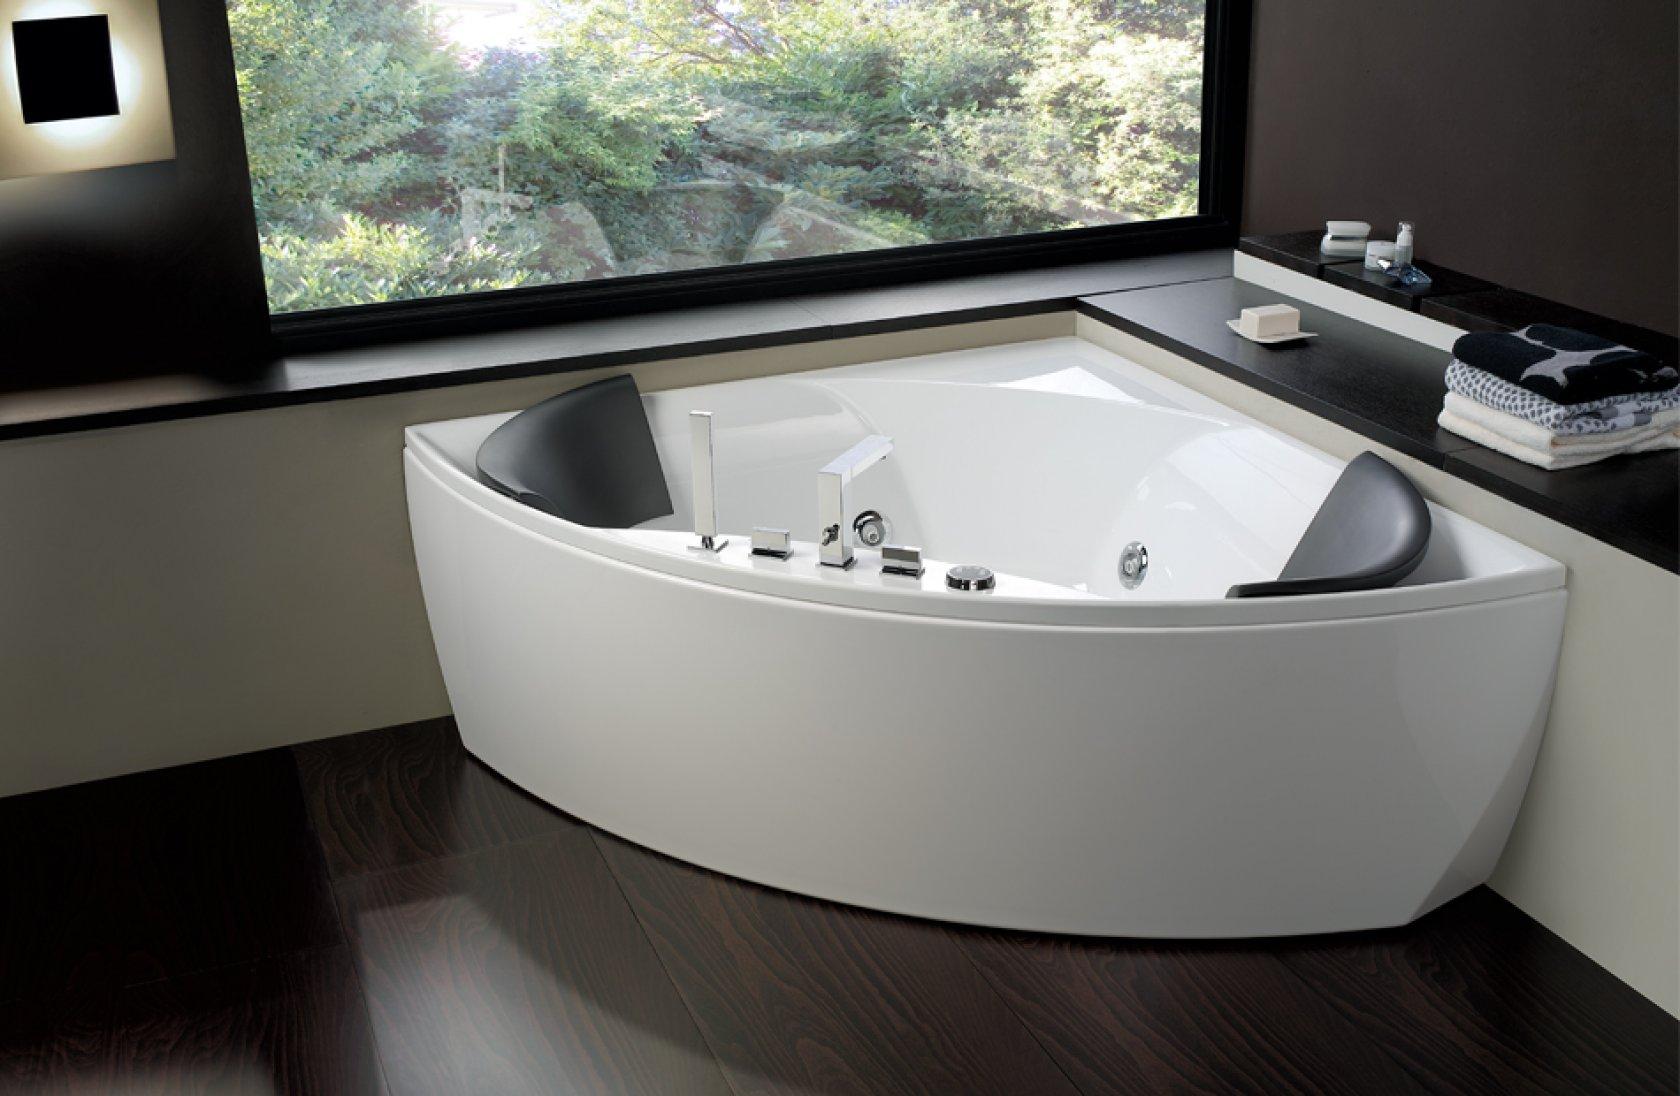 Vasca Da Bagno Grande Prezzi : La vasca da bagno come sceglierla per avere una stanza del benessere